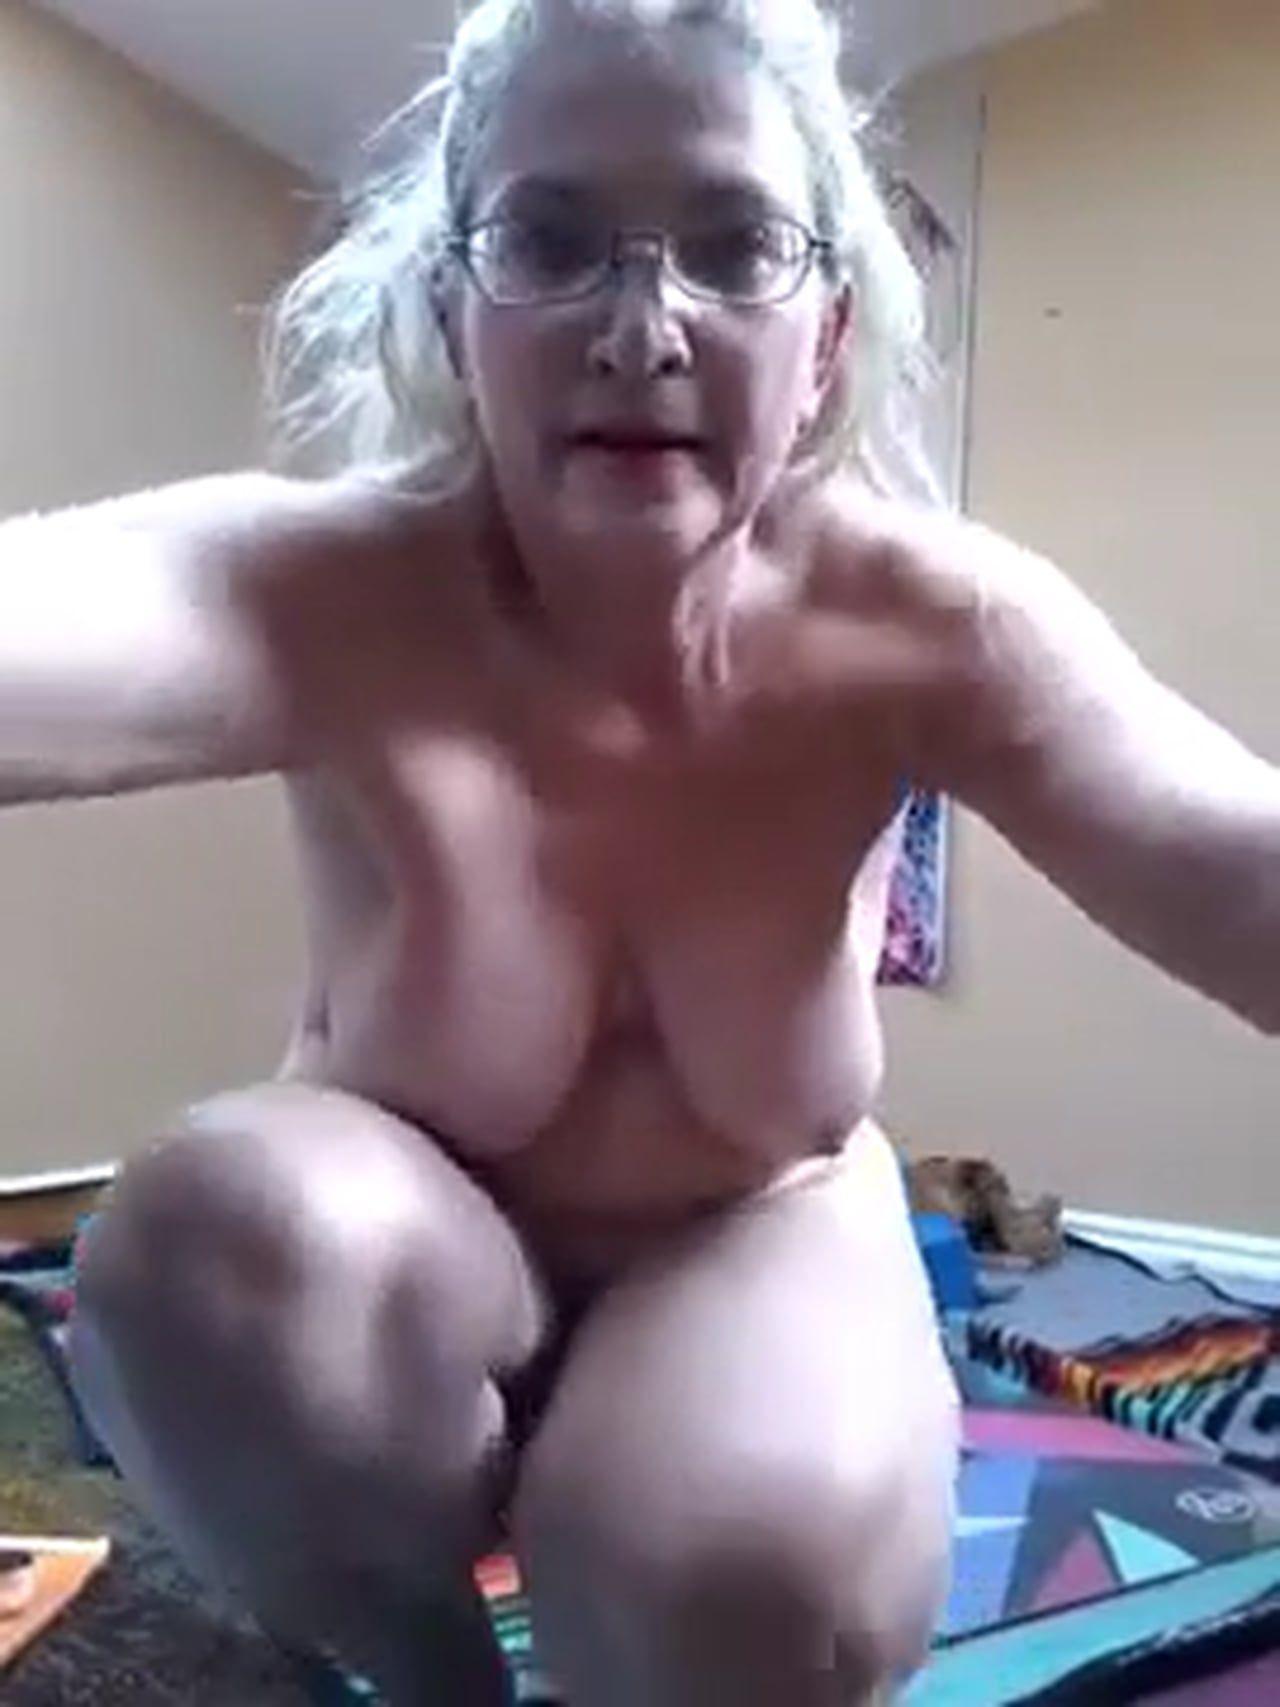 Nudist old, bikini pics linzi dascenzo